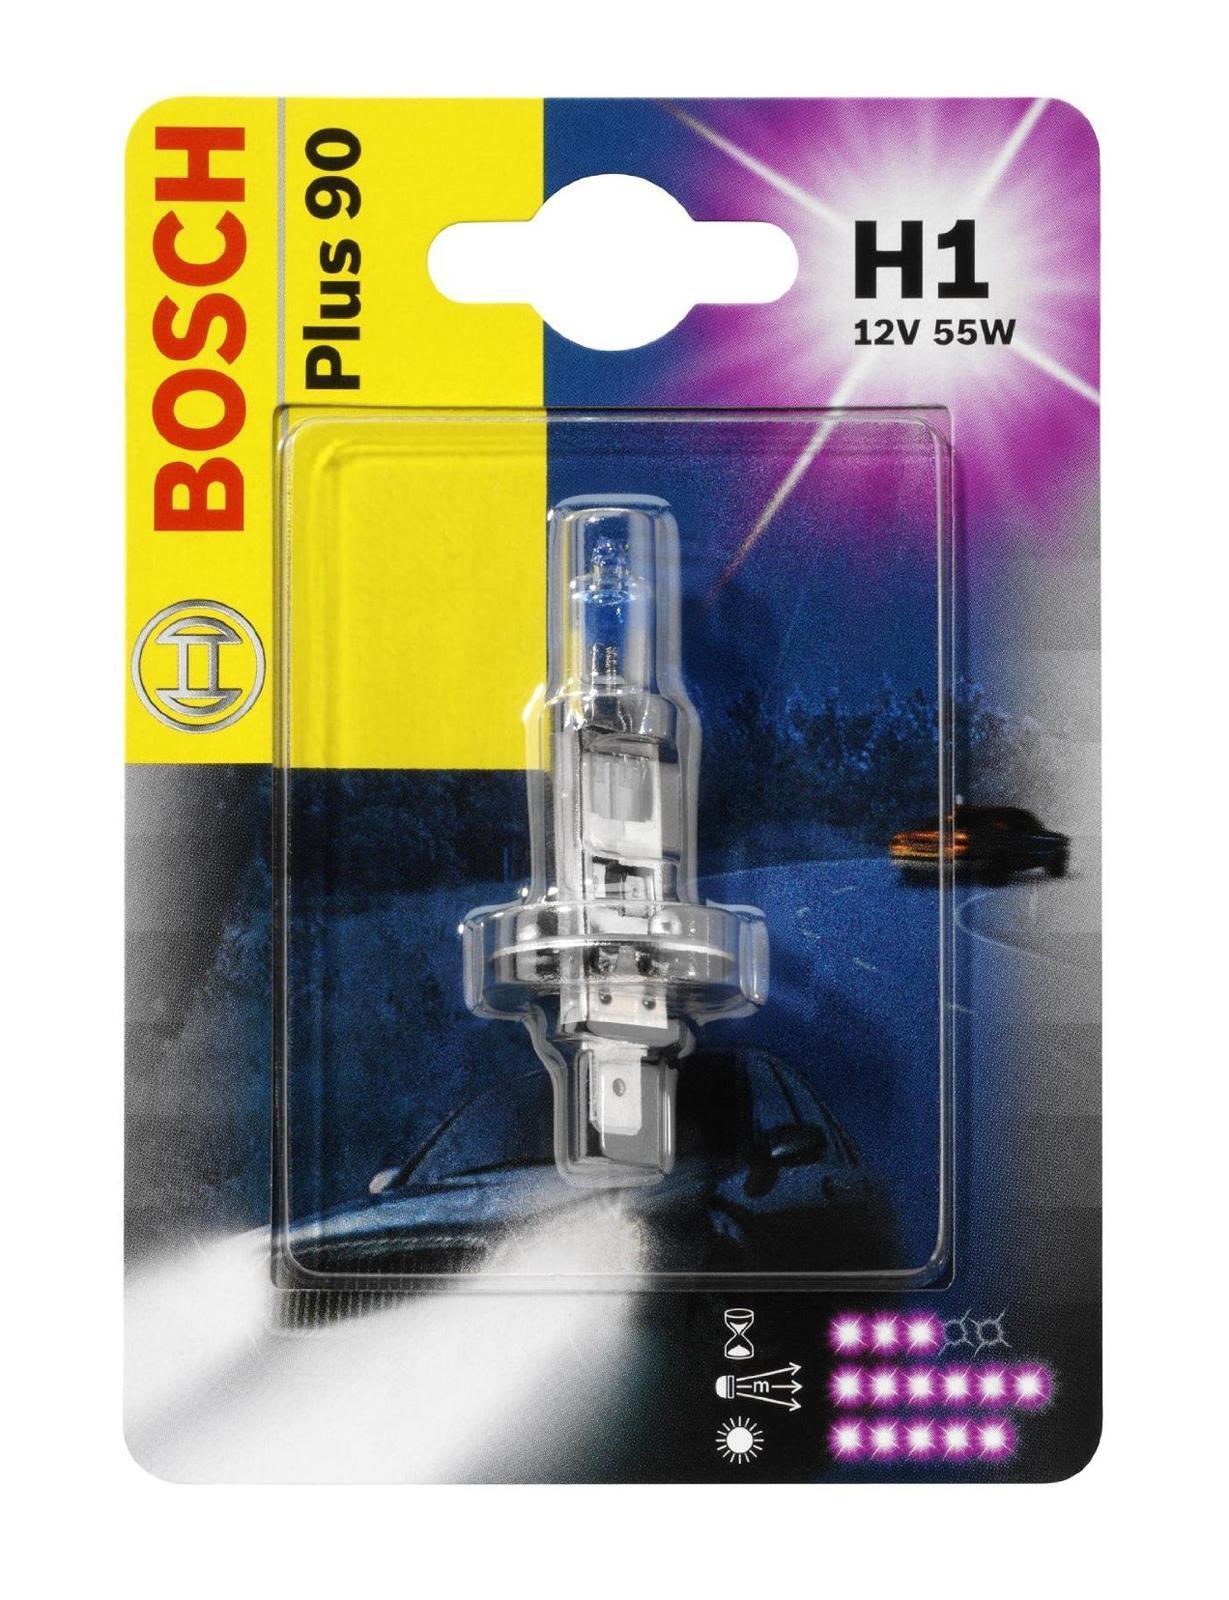 Лампа Bosch H1 +90 1987301076K100Лампа галогенная Bosch H1 Plus 90 12V, 55W, 1 шт - источник света, у которого светящим элементом является вольфрамовая спираль. У лампы есть большой запас срока службы. Способна выдержать большое количество включений и выключений.Напряжение: 12 вольт